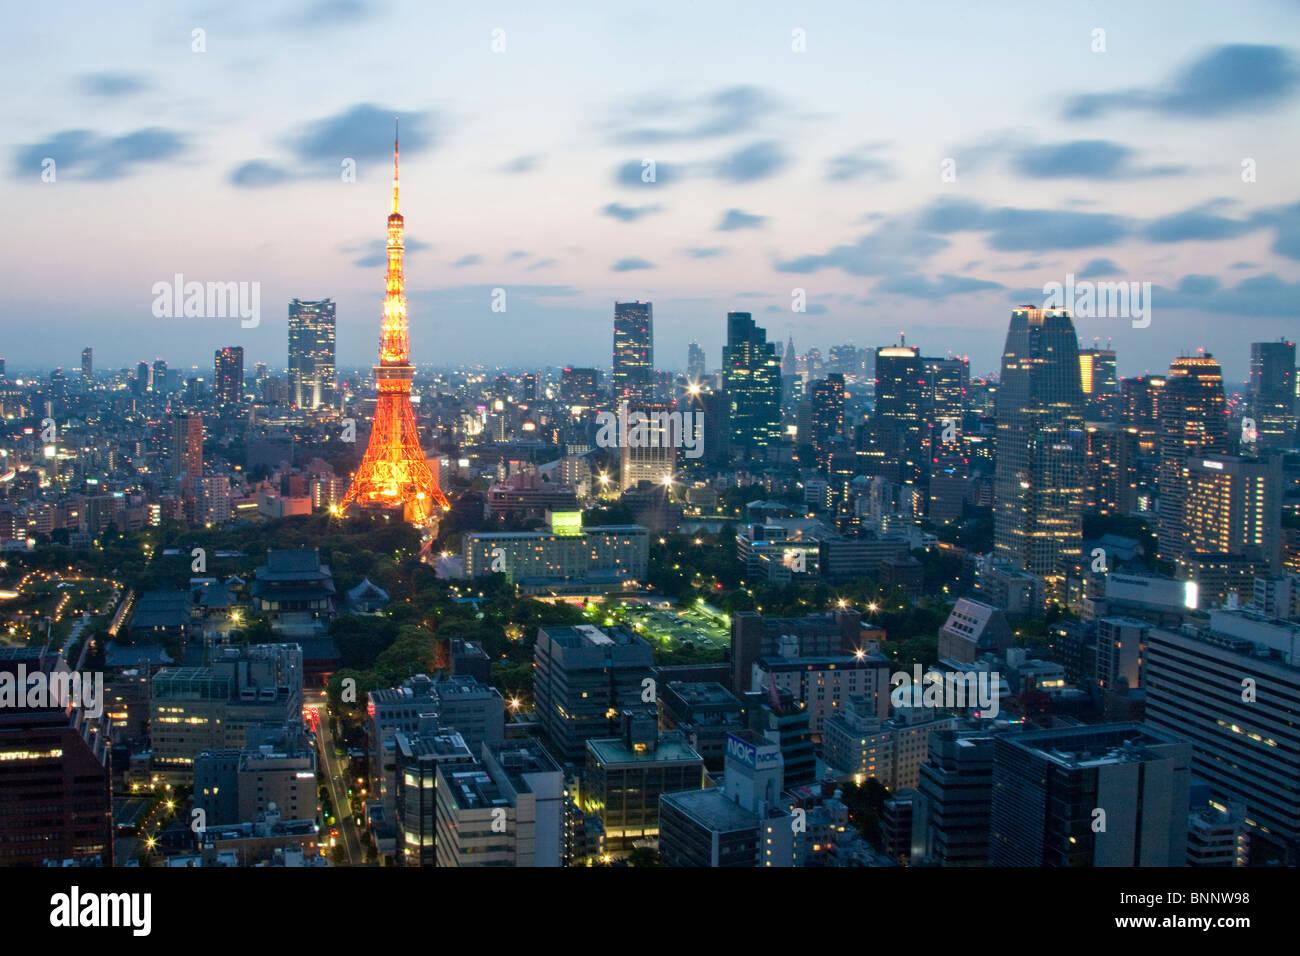 Far East Asia Japón Tokio Minato construcción Templo Zojoji ku Tokyo Tower torre de televisión la Imagen De Stock